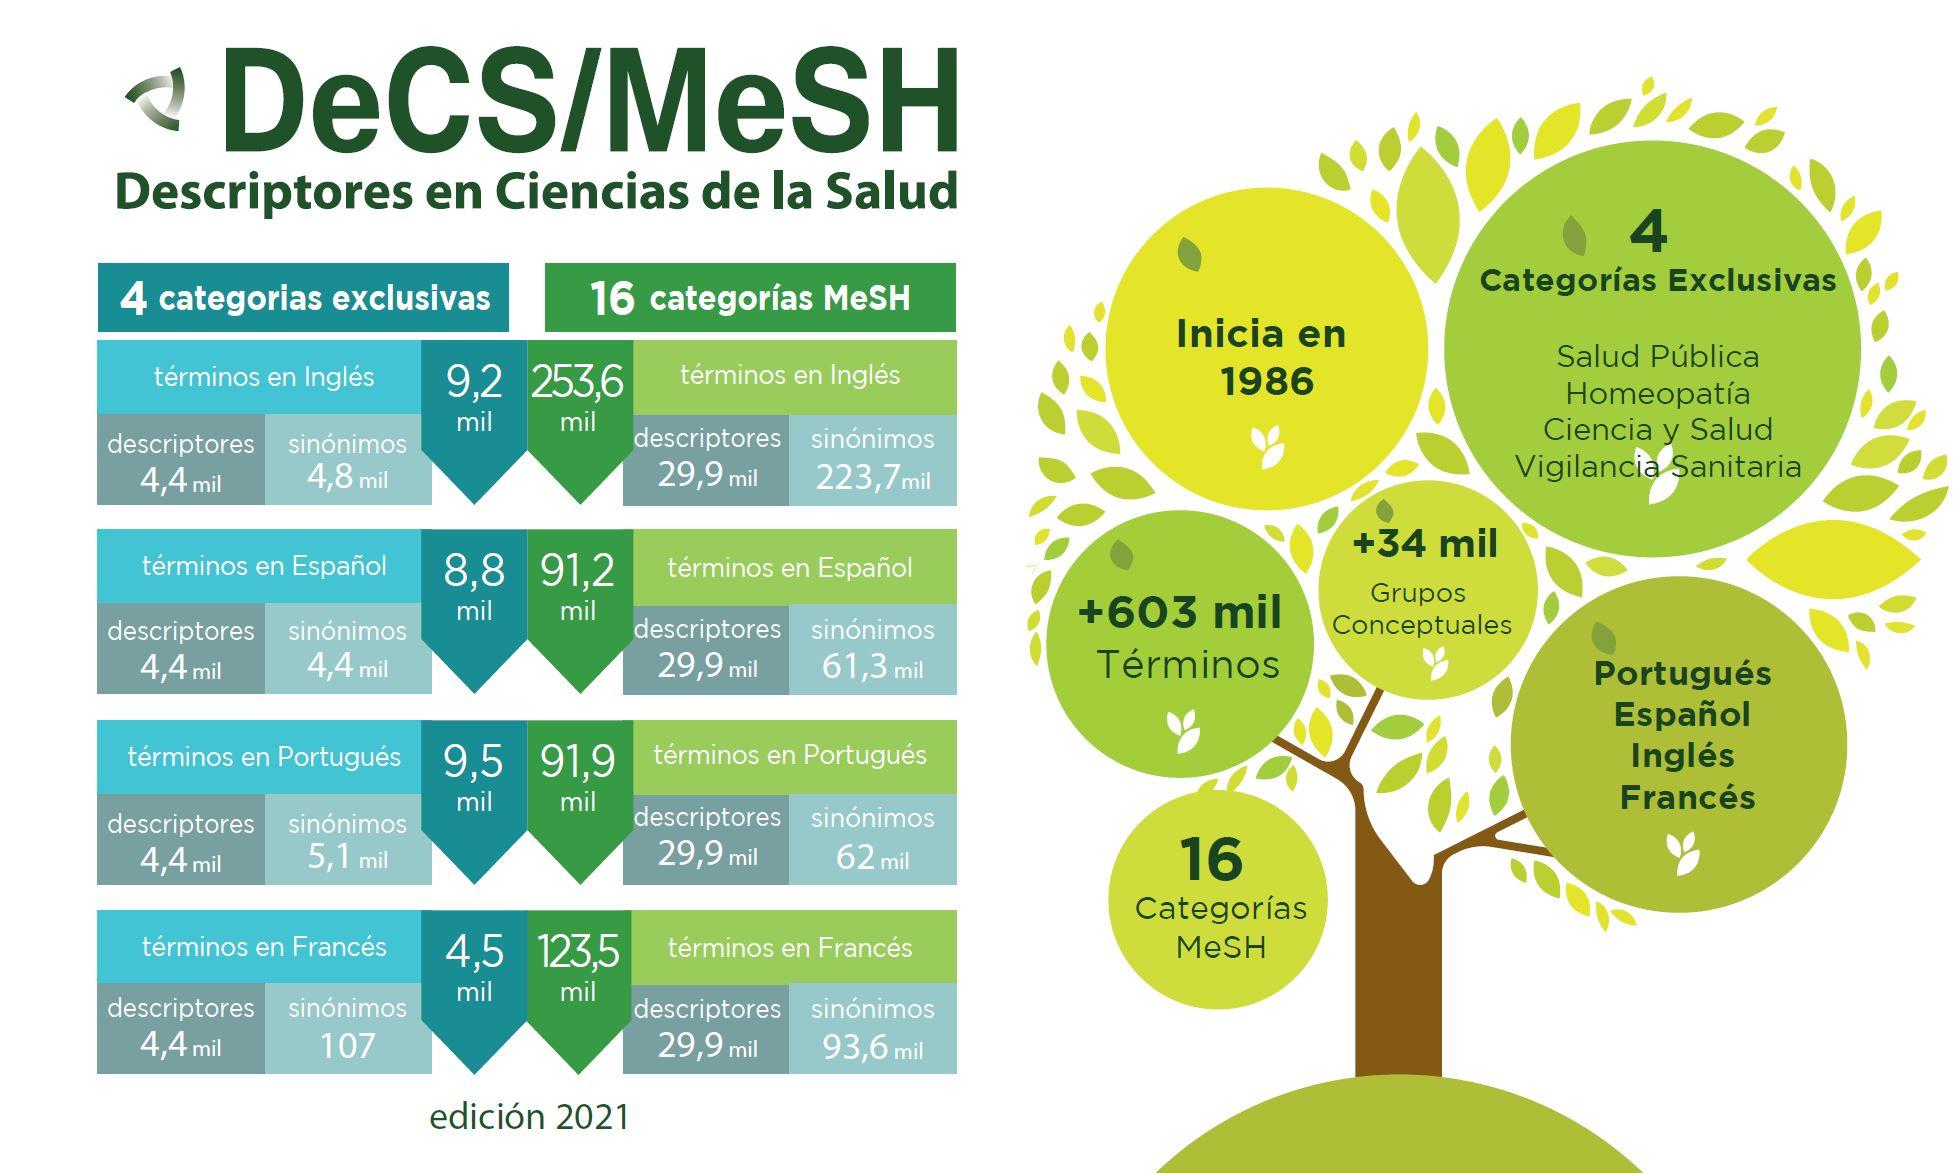 publicada-la-edicion-decs-mesh-2021-con-destaque-para-los-terminos-relacionados-a-la-covid-19